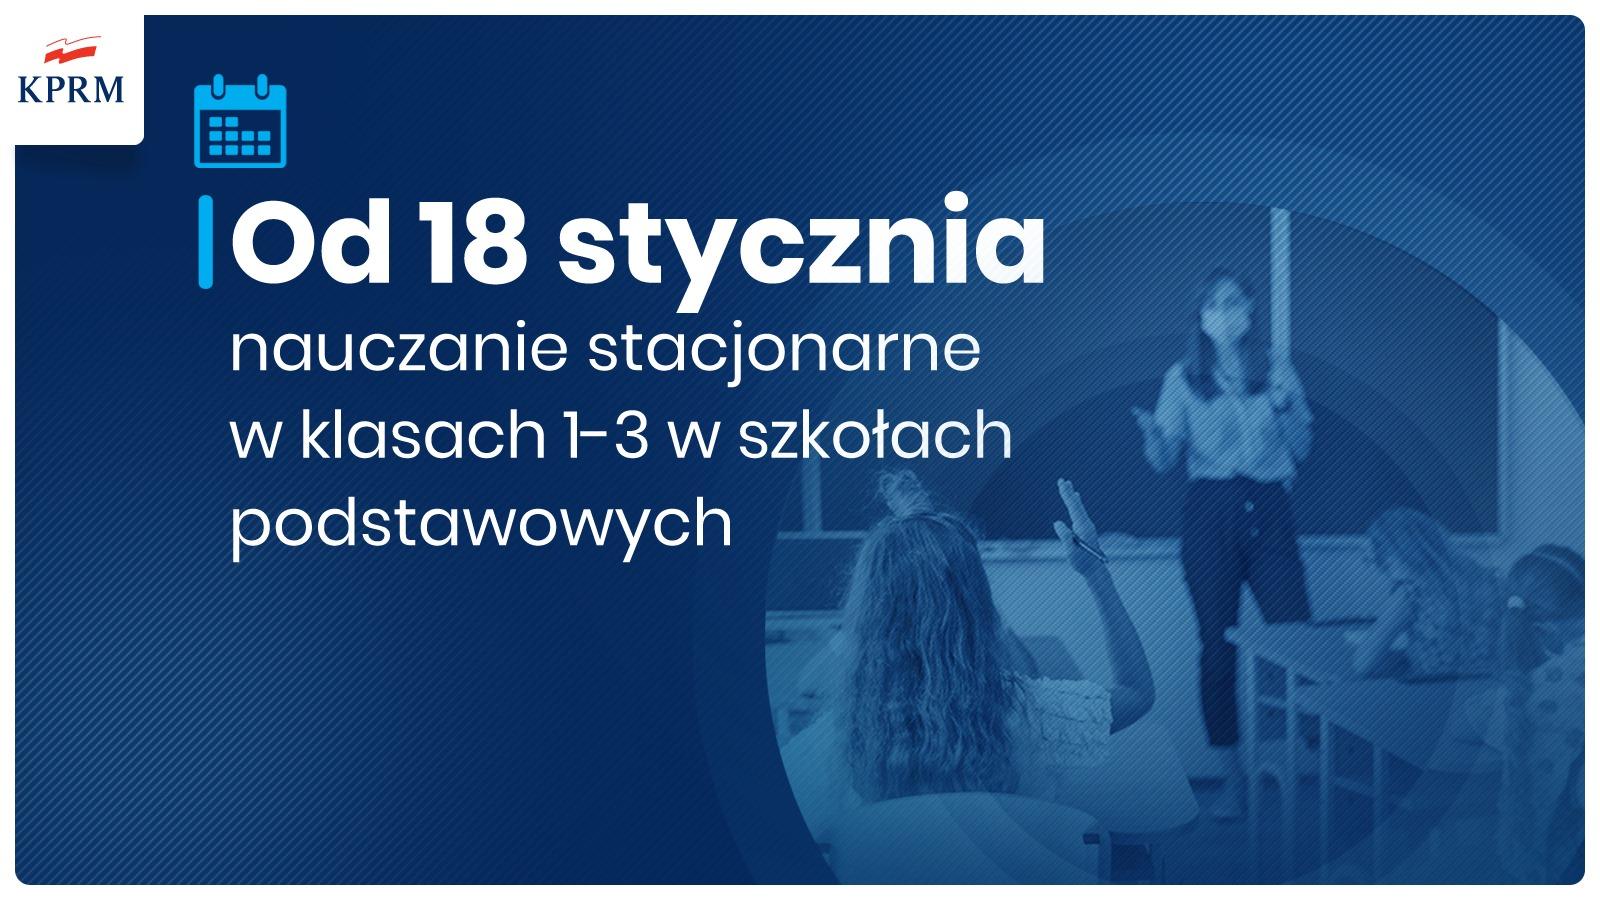 baner graficzny z informacją o powrocie dzieci klas 1-3 do nauki stacjonarnej